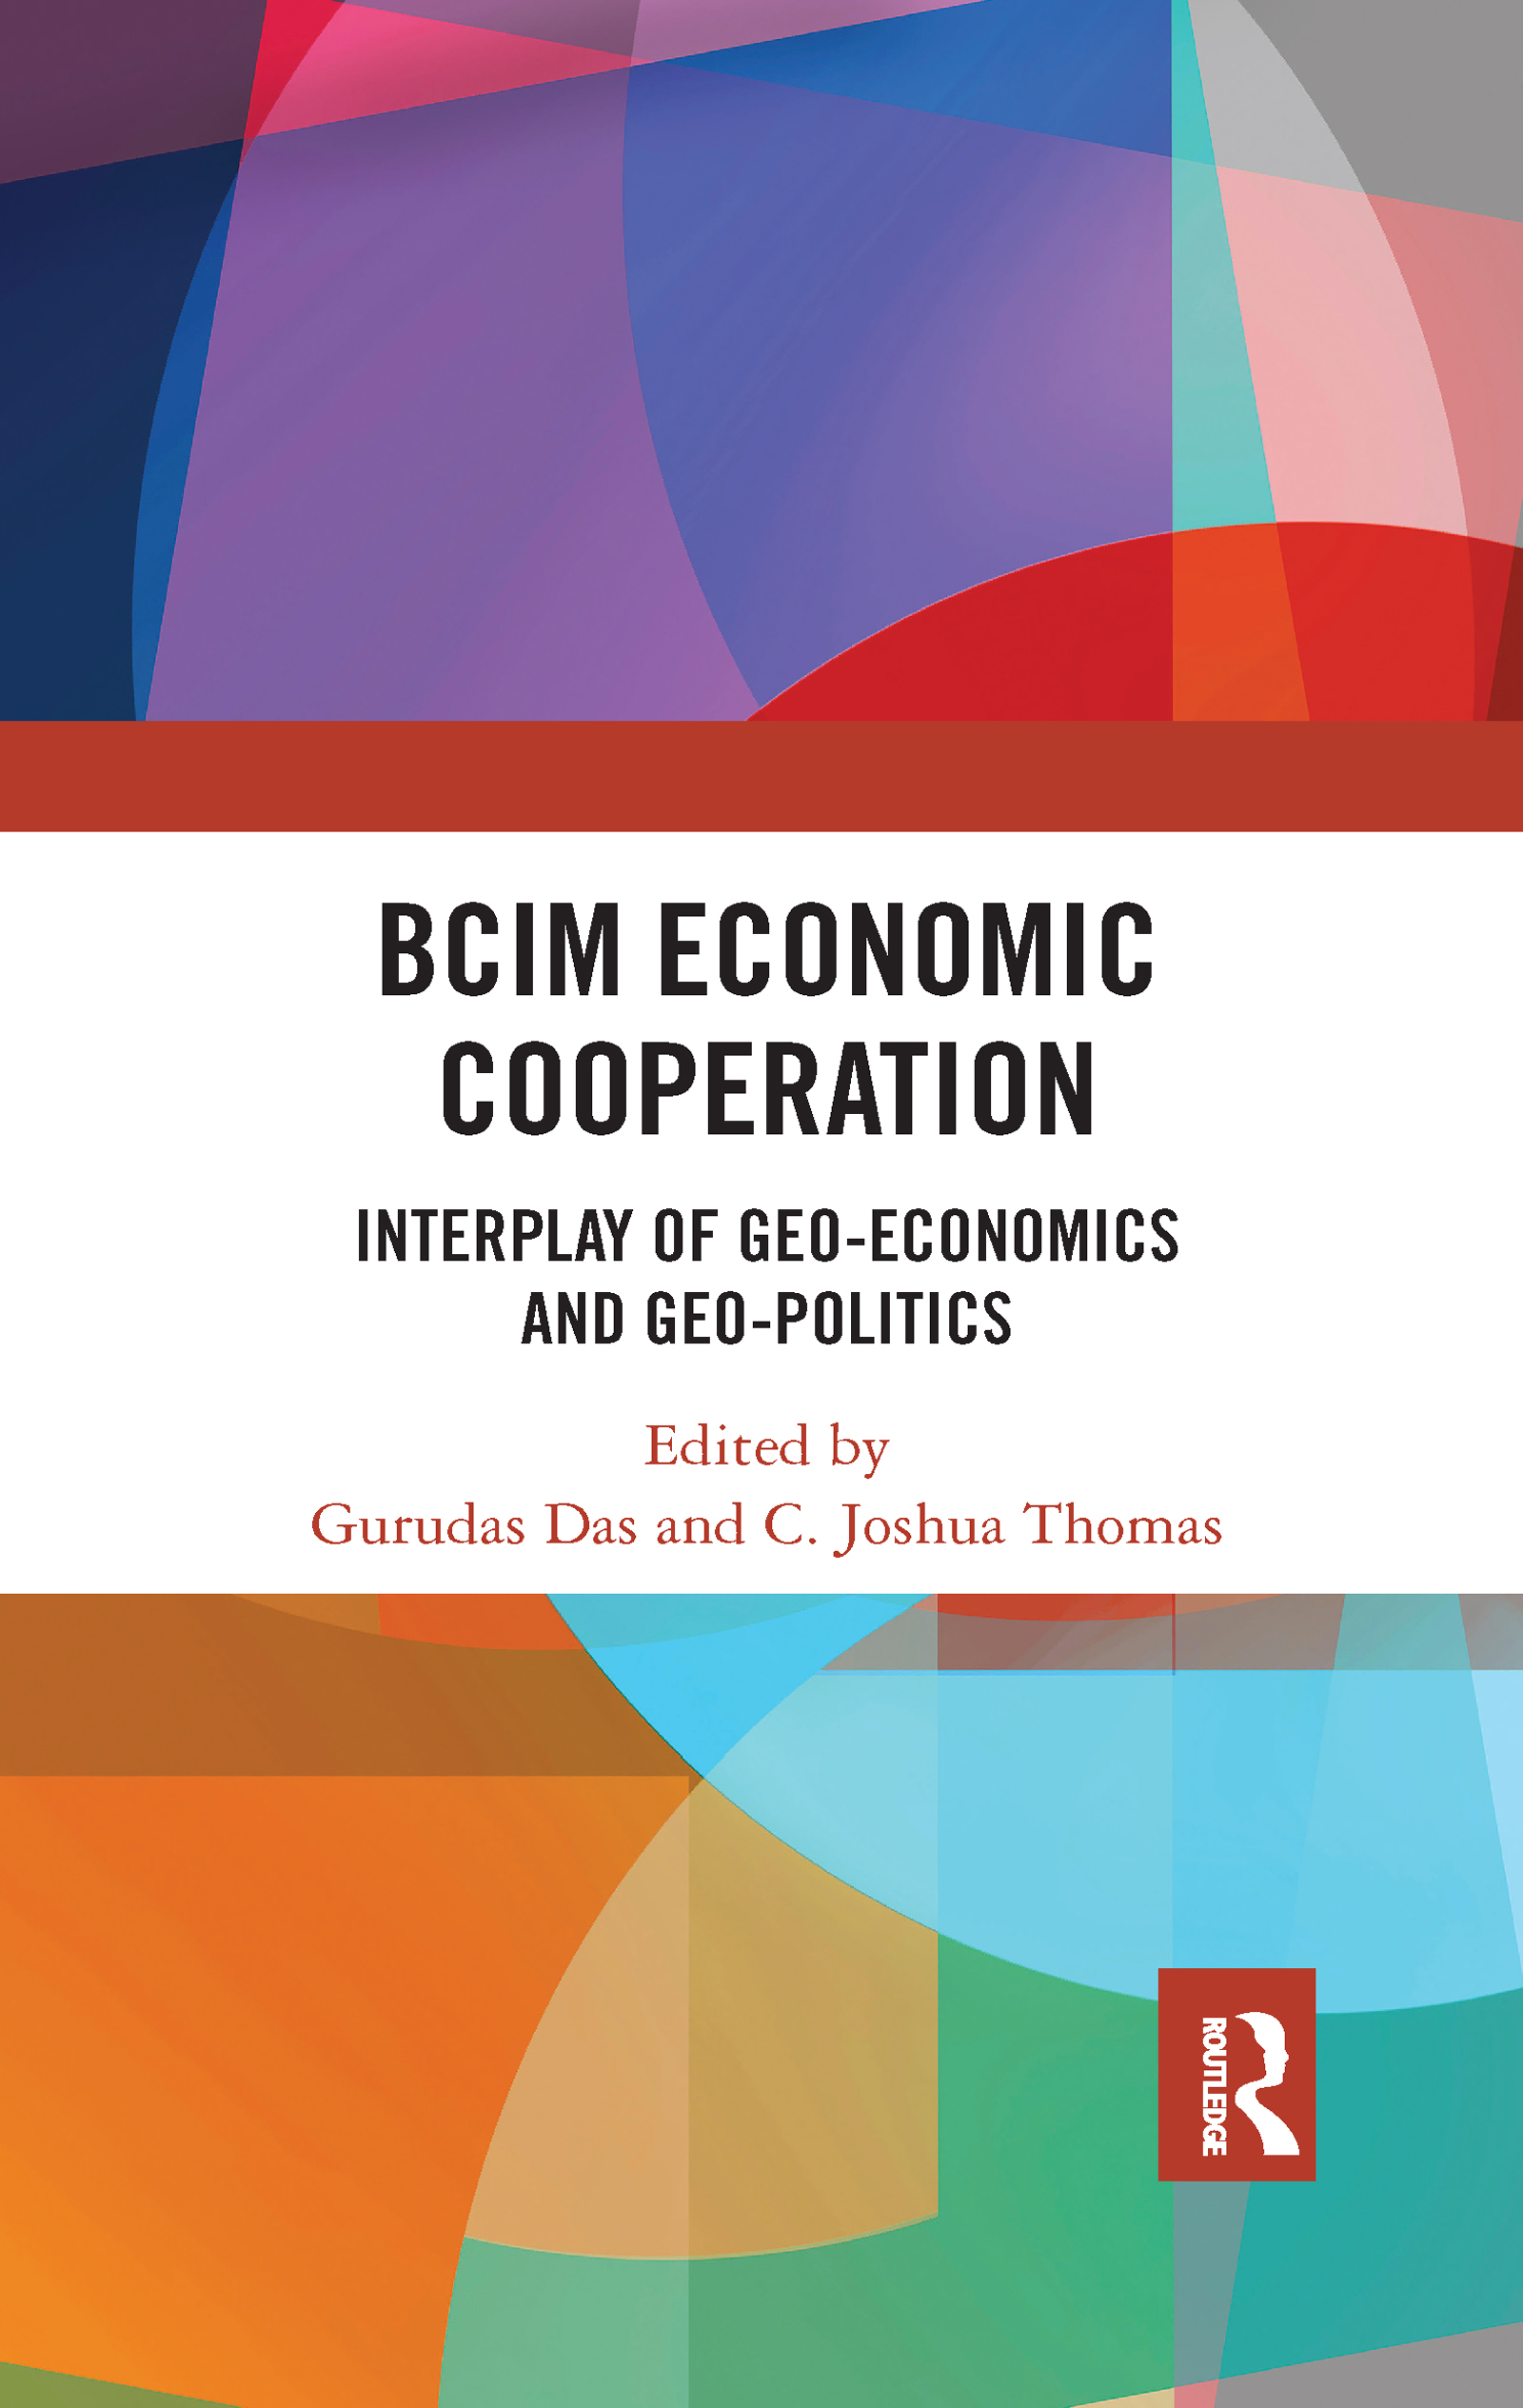 BCIM Economic Cooperation